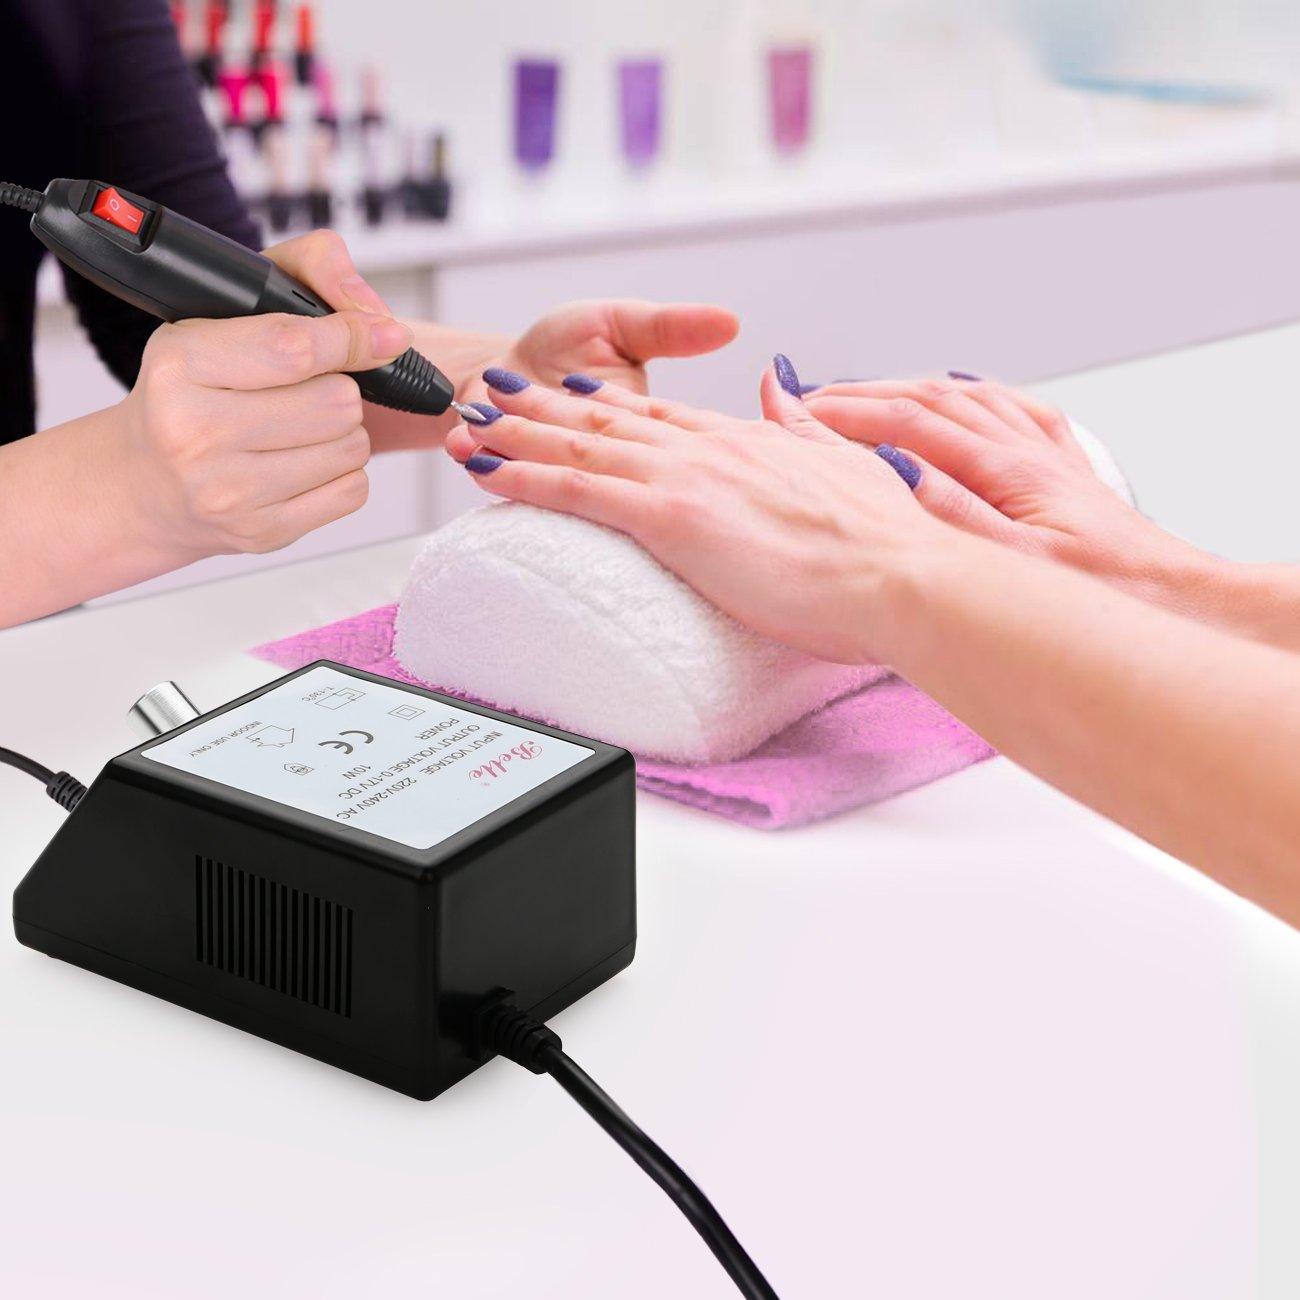 Amazon.com : Belle Electric Nail Drill Glazing Fast Salon Manicure ...